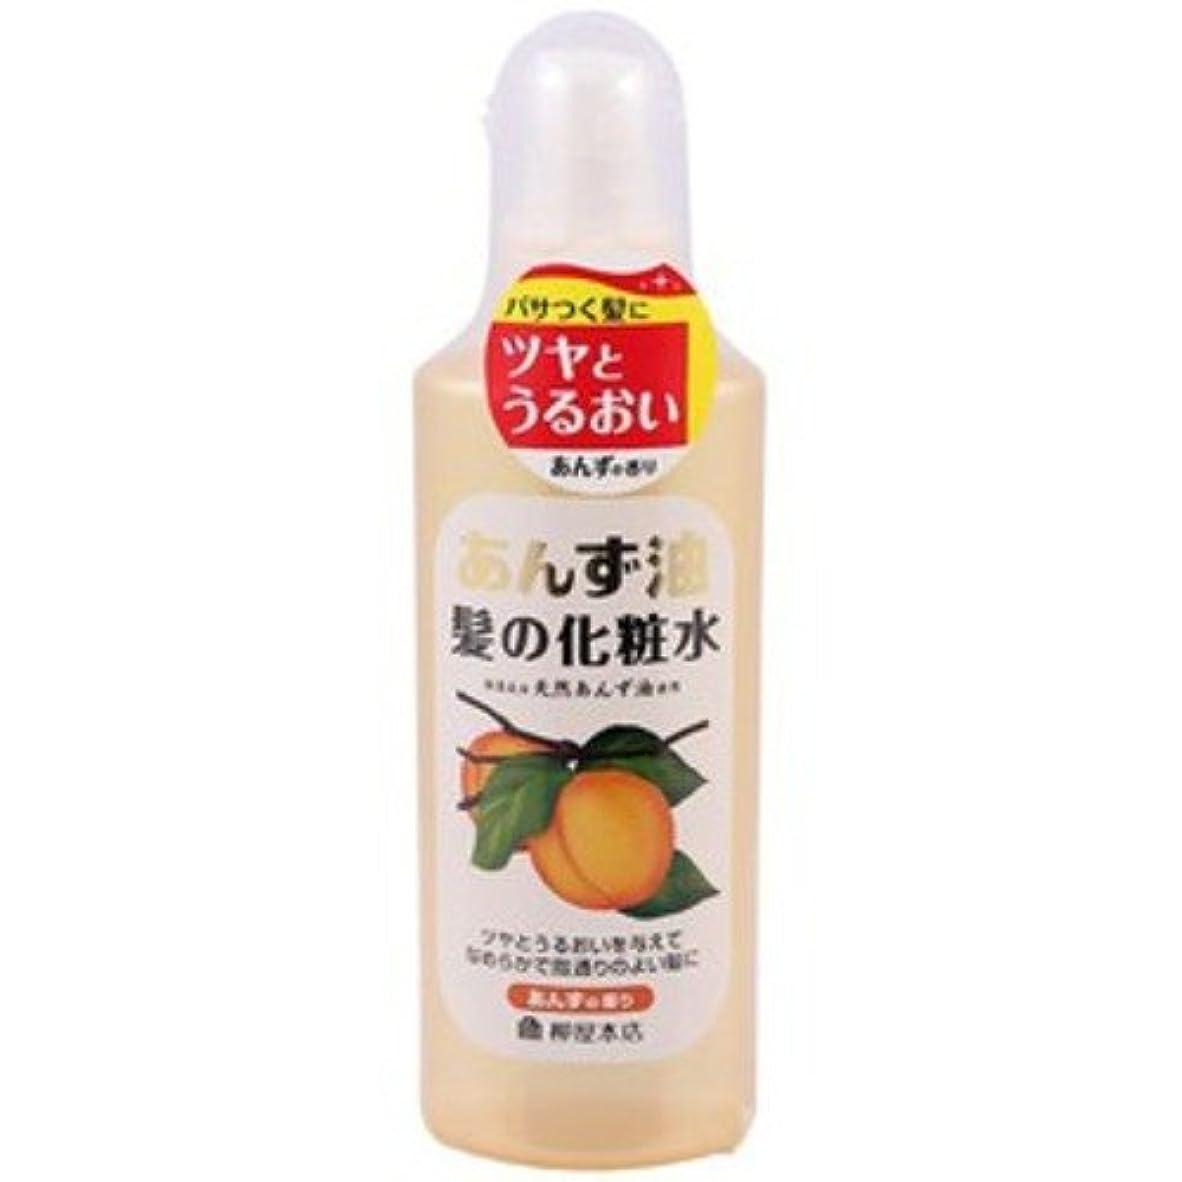 コンプリート自動化永遠の柳屋 あんず油 髪の化粧水 170ml